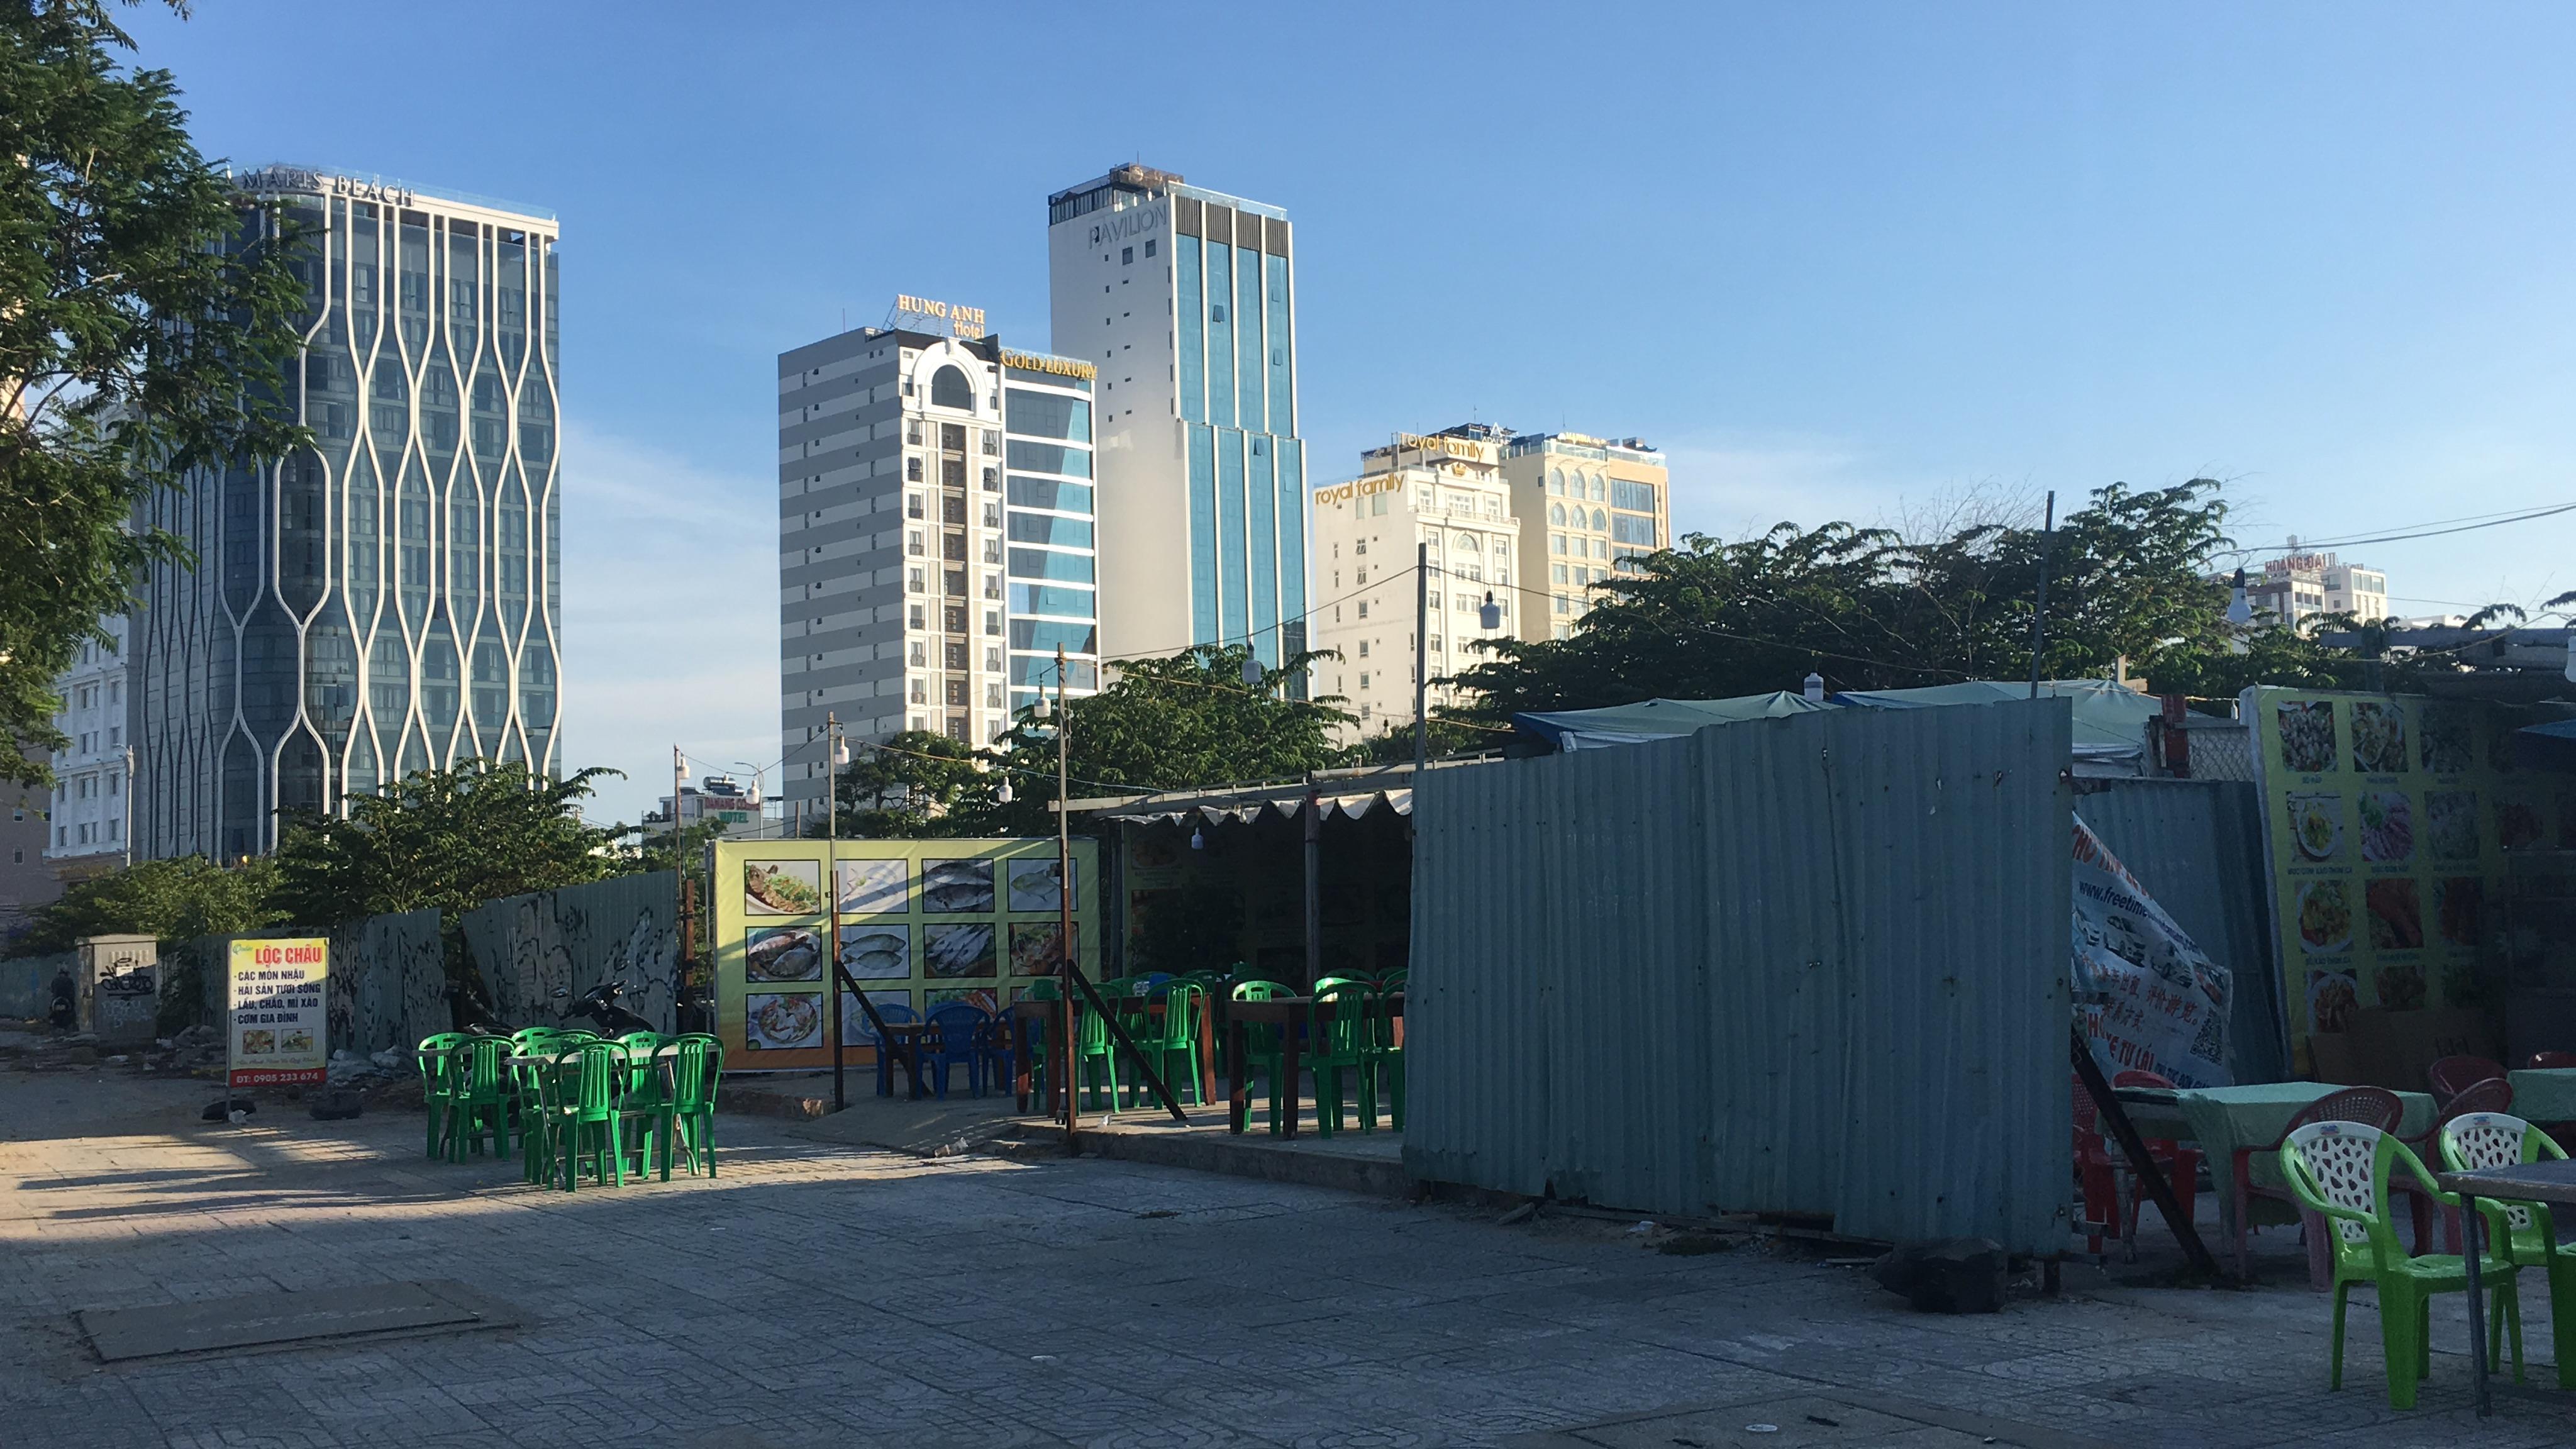 Cận cảnh khu đất ven biển Đà Nẵng sẽ đấu giá làm dự án Trung tâm tài chính, thương mại, casino 2 tỉ USD - Ảnh 9.